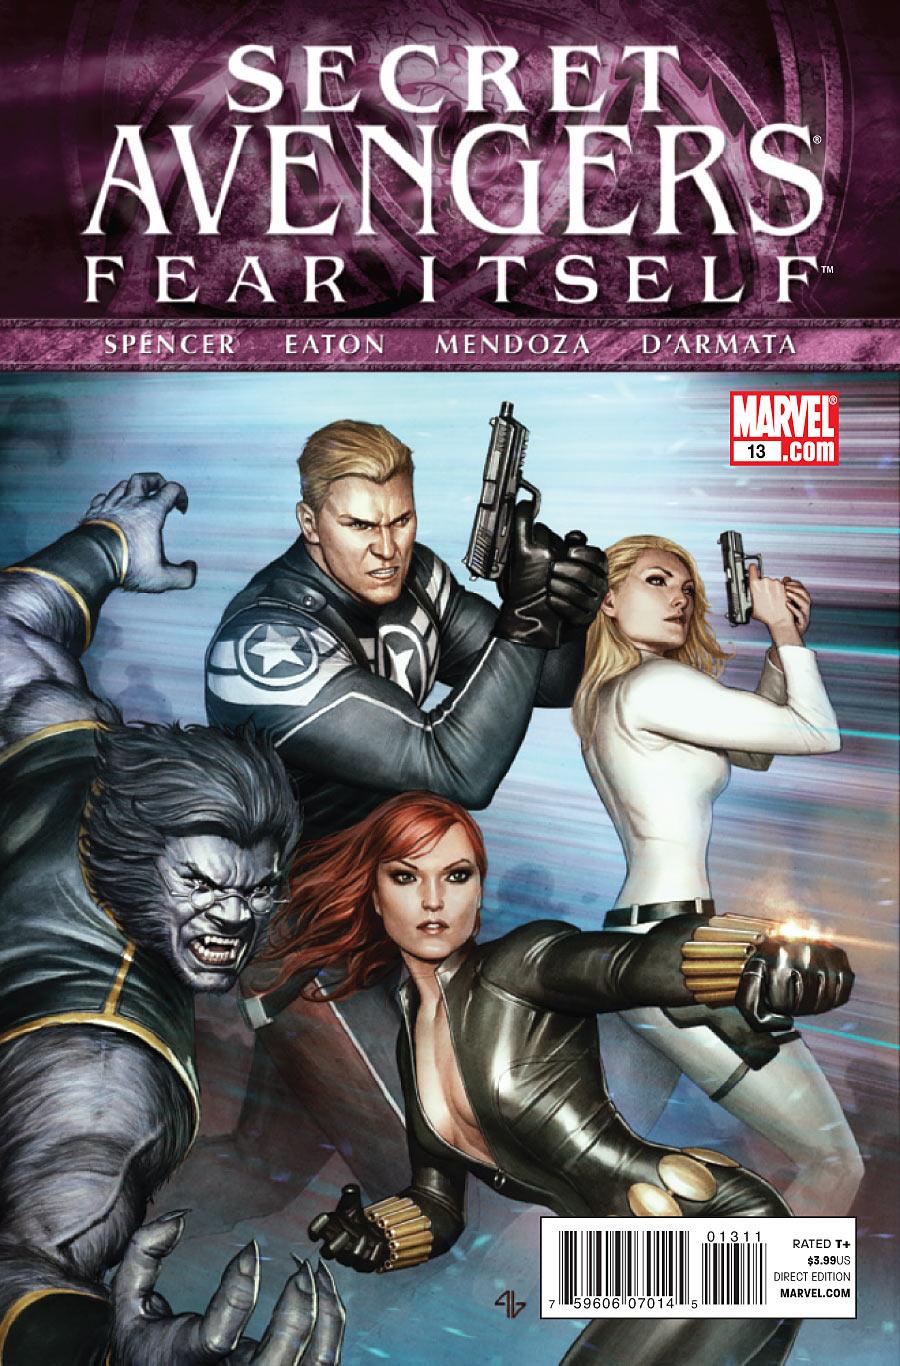 Secret Avengers Vol 1 13.jpg